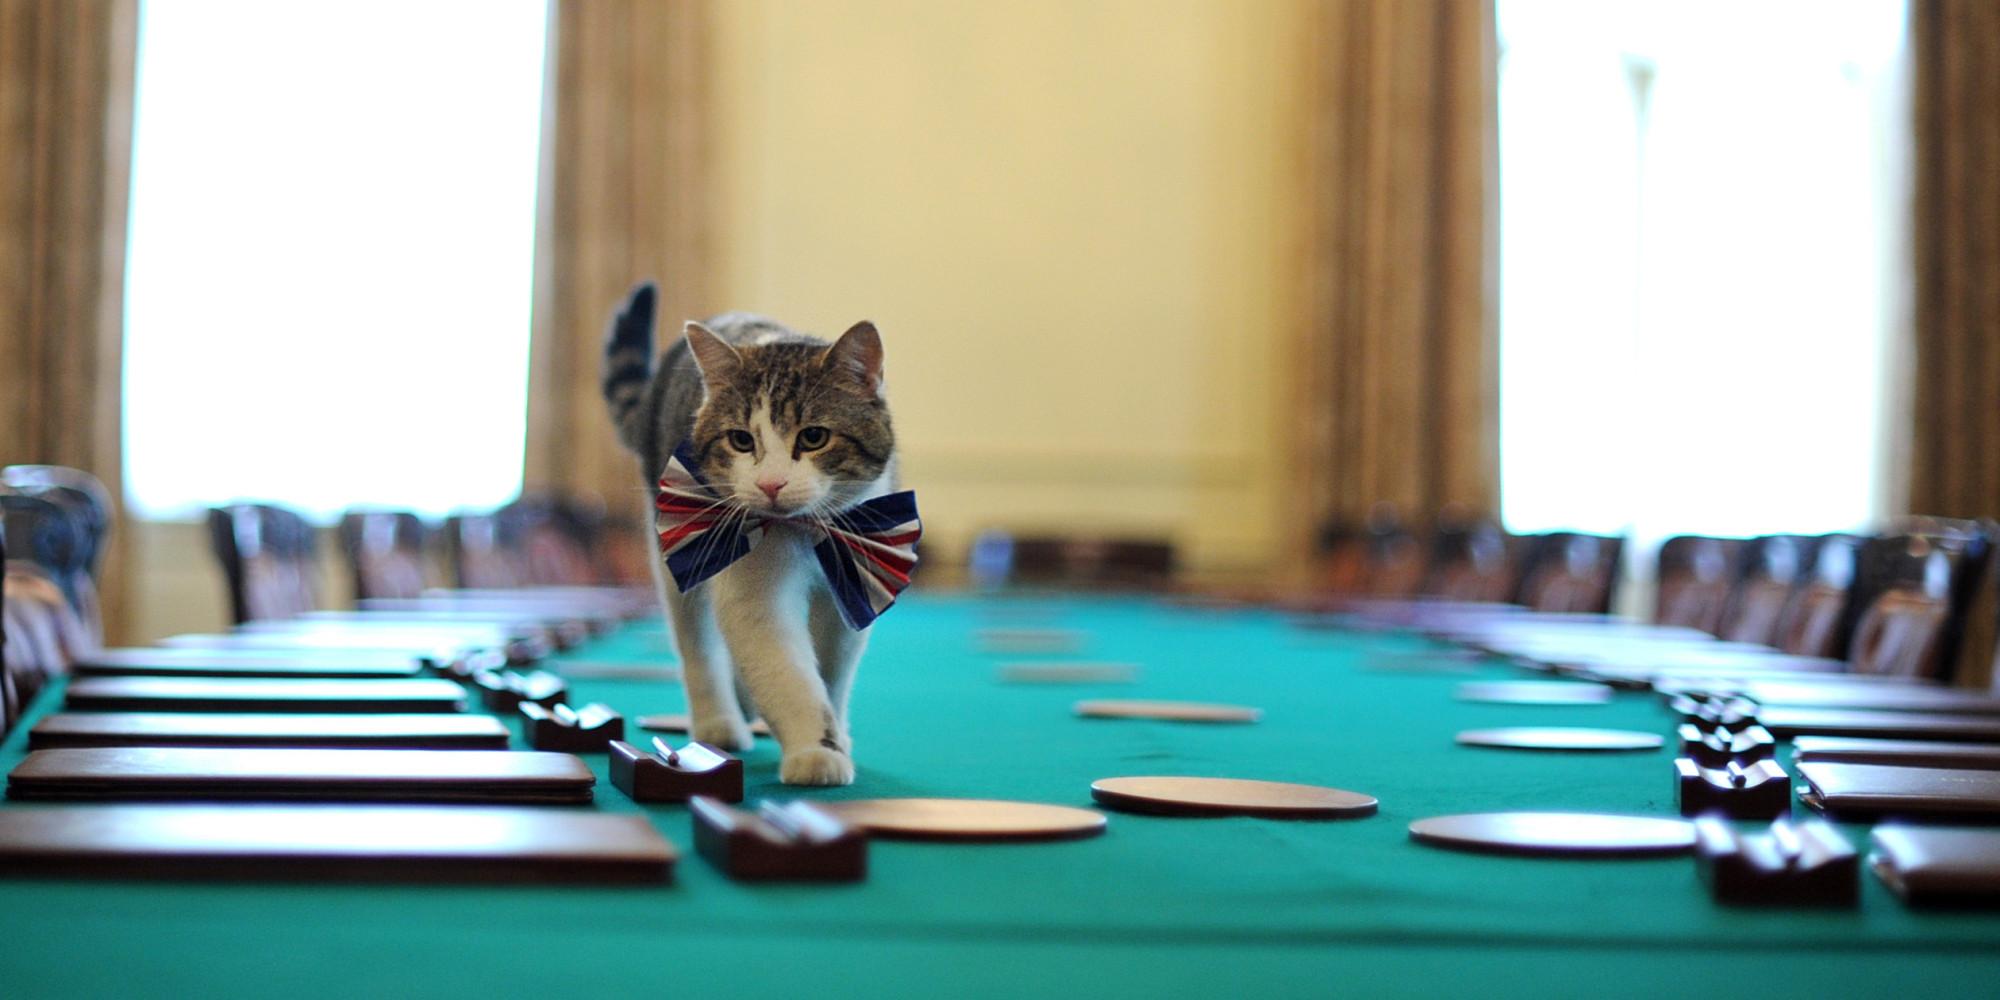 Mèo - một thế lực quyền năng trong các tòa nhà chính phủ Anh